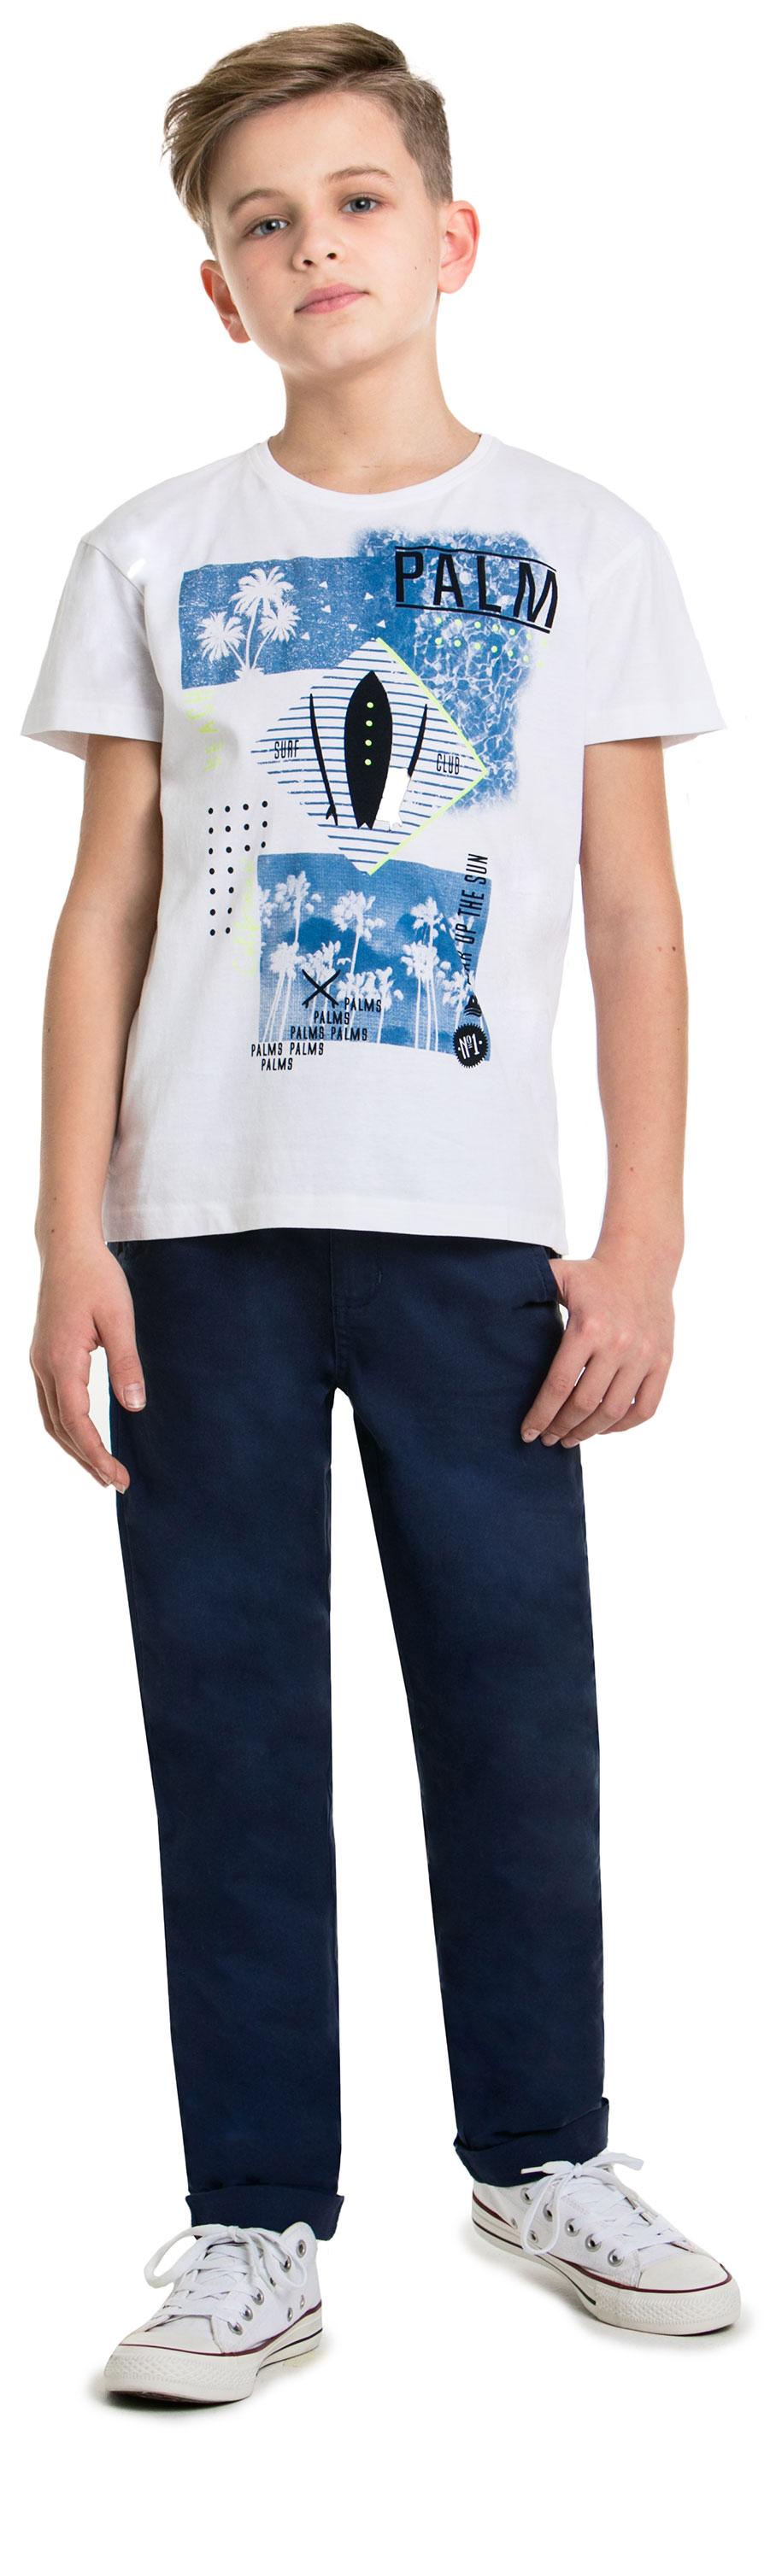 Футболка с коротким рукавом для мальчика Barkito Тропическая жара шорты модель бермуды для мальчика barkito тропическая жара бирюзовые